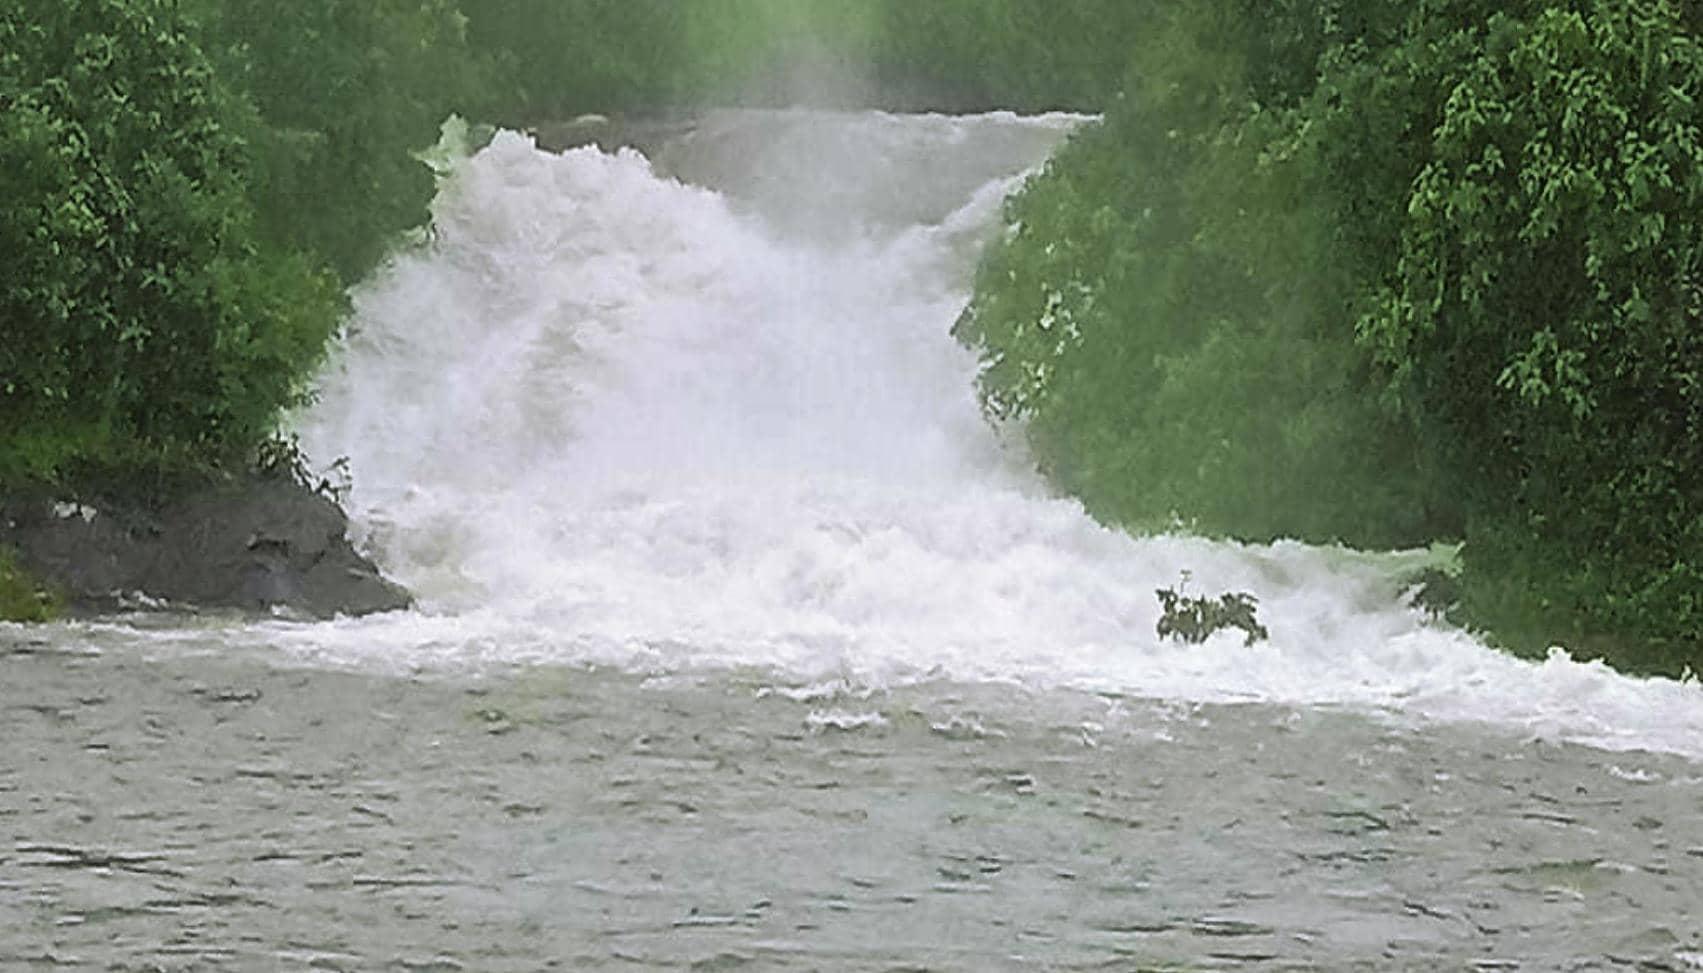 நிரம்பியது சோலையாறு அணை: பரம்பிக்குளம் அணைக்கு நீர் வெளியேற்றம்